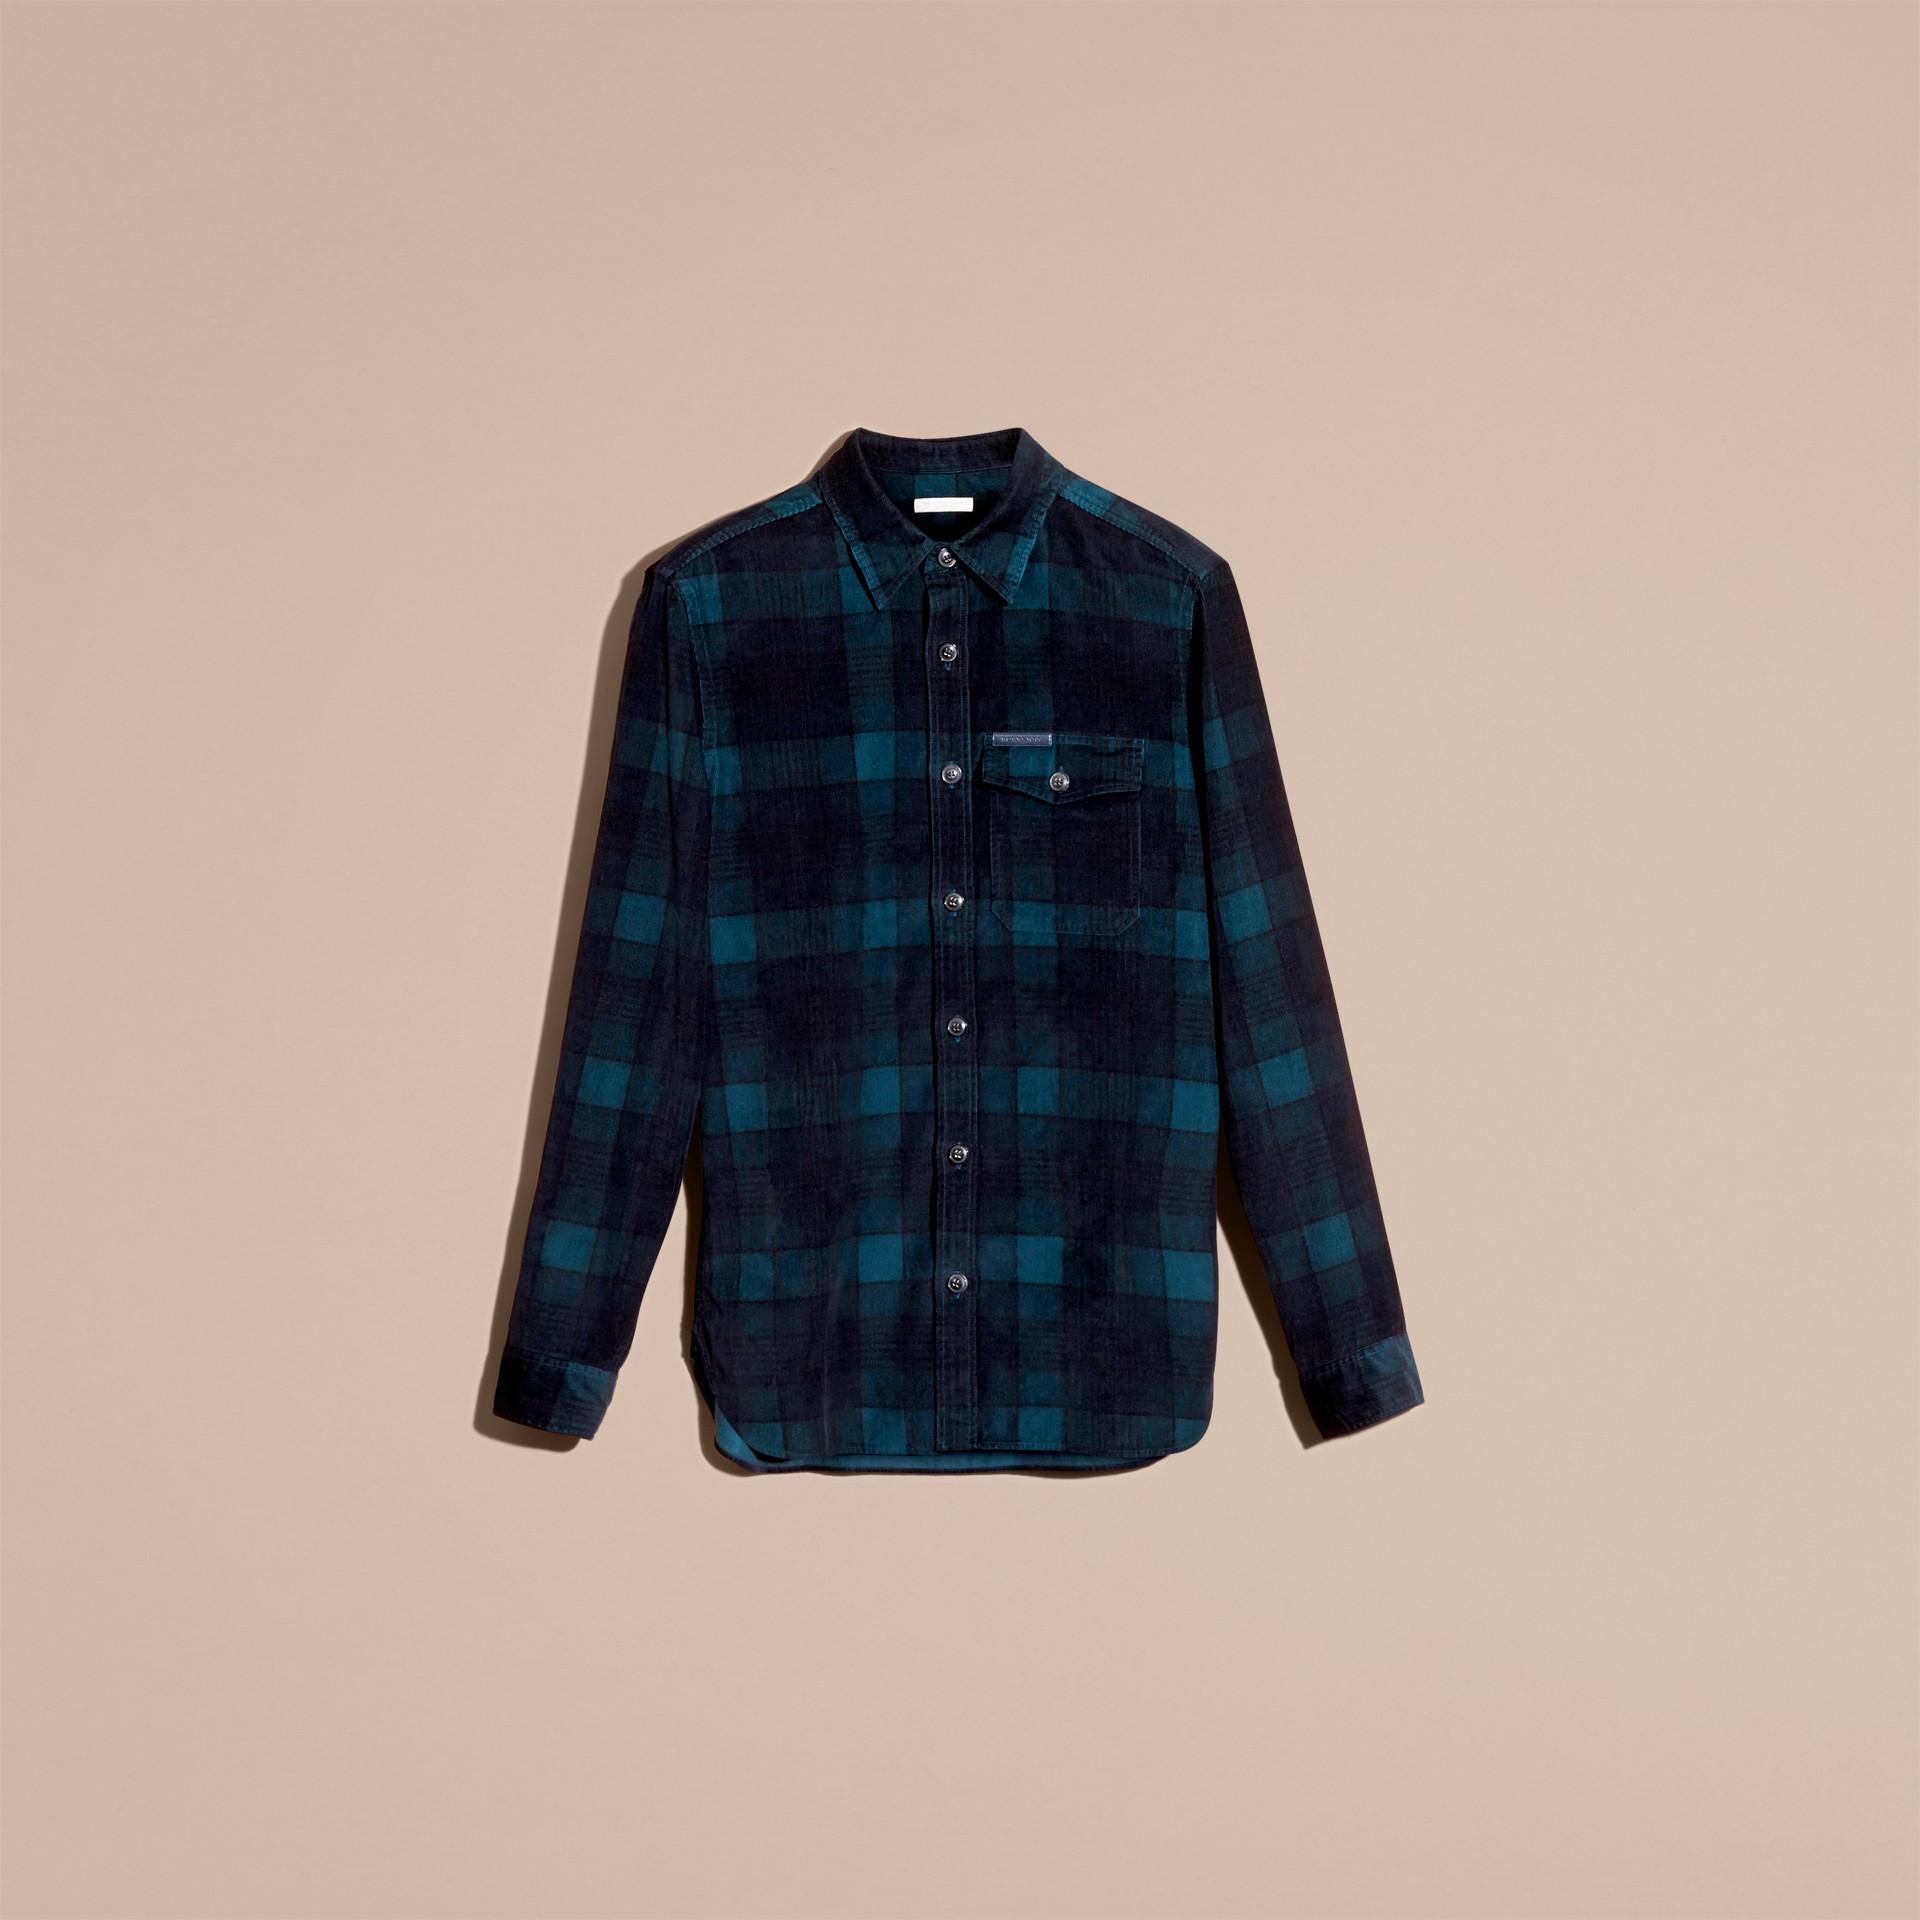 Noir marine Chemise en coton côtelé à motif check - photo de la galerie 4